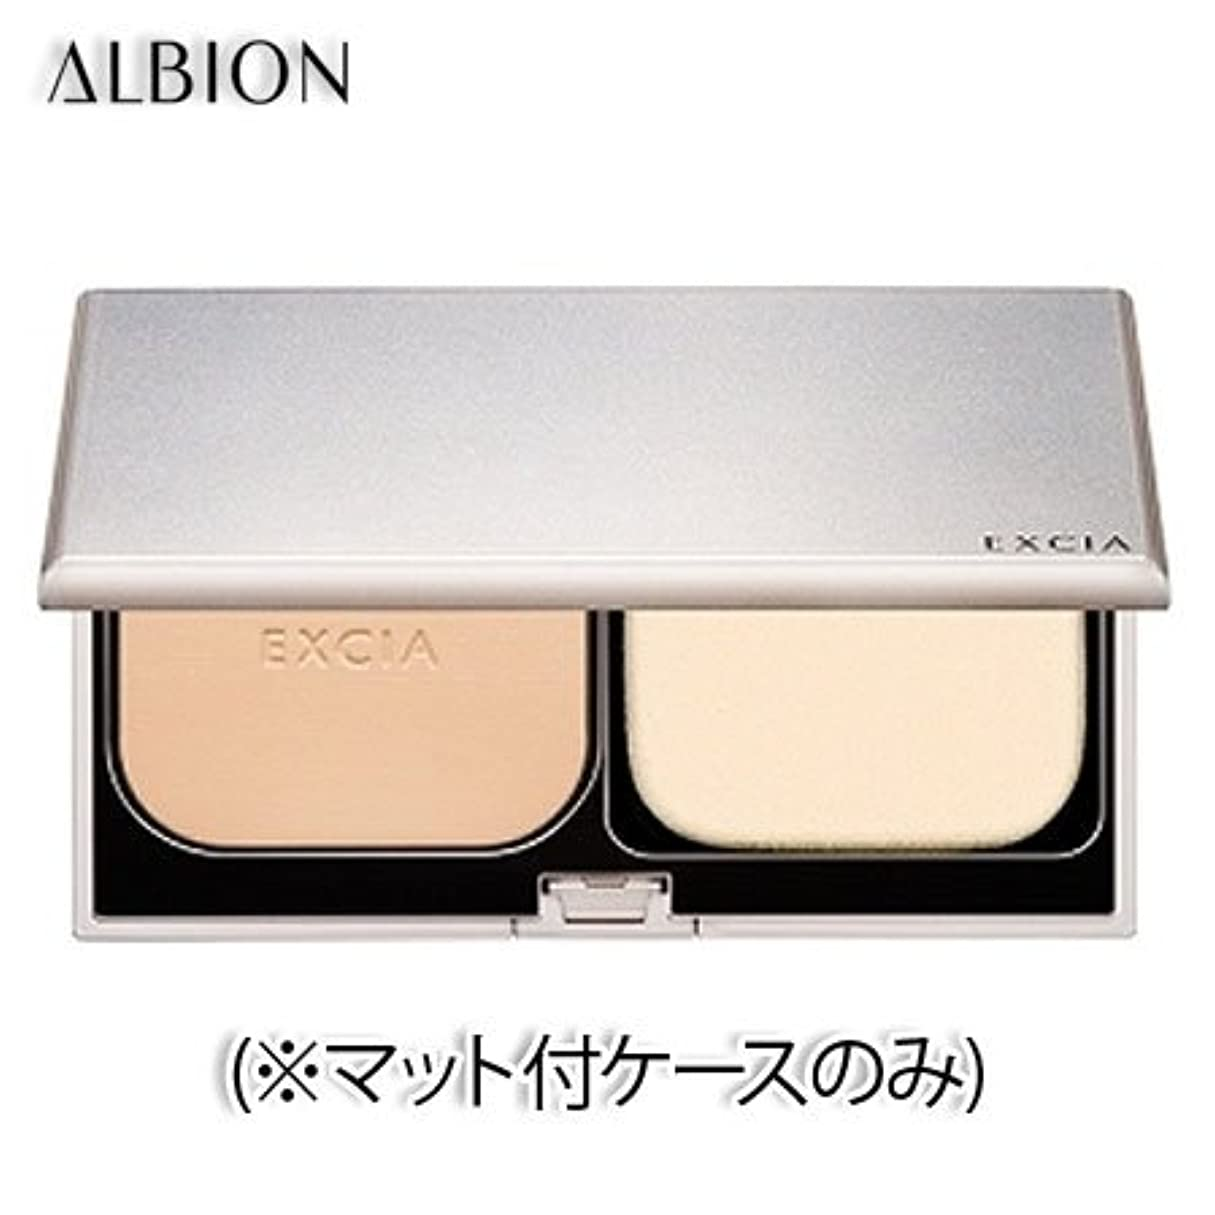 魔女百失態アルビオン エクシア AL ホワイトプレミアムパウダー ファンデーション SPF30 PA+++ 11g 6色 (マット付ケースのみ) -ALBION-